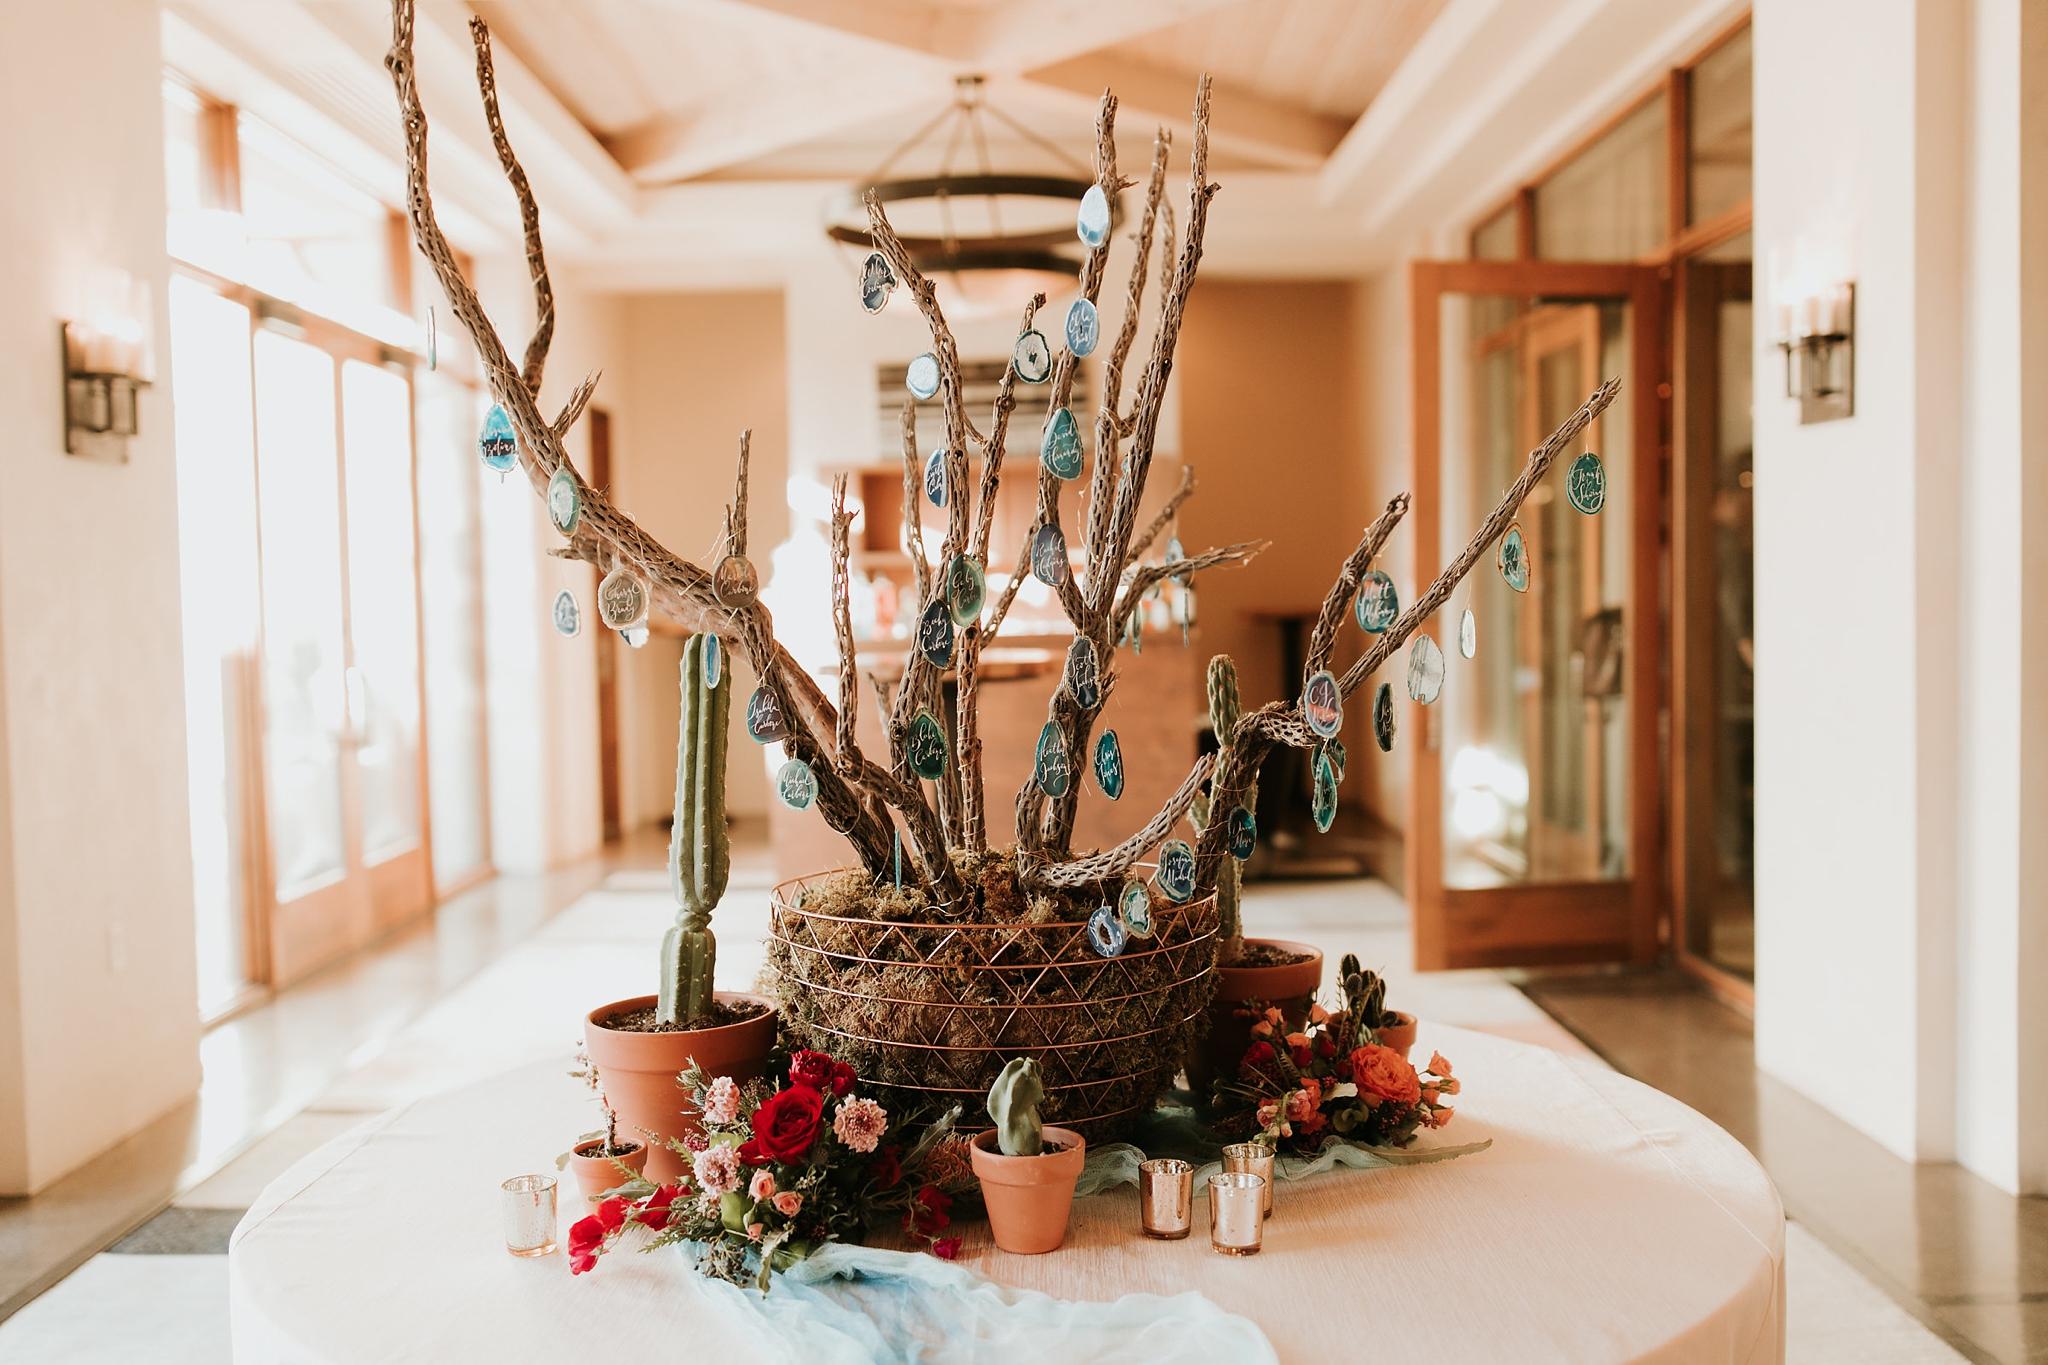 Alicia+lucia+photography+-+albuquerque+wedding+photographer+-+santa+fe+wedding+photography+-+new+mexico+wedding+photographer+-+new+mexico+wedding+-+wedding+-+winter+wedding+-+wedding+reception+-+winter+wedding+reception_0060.jpg